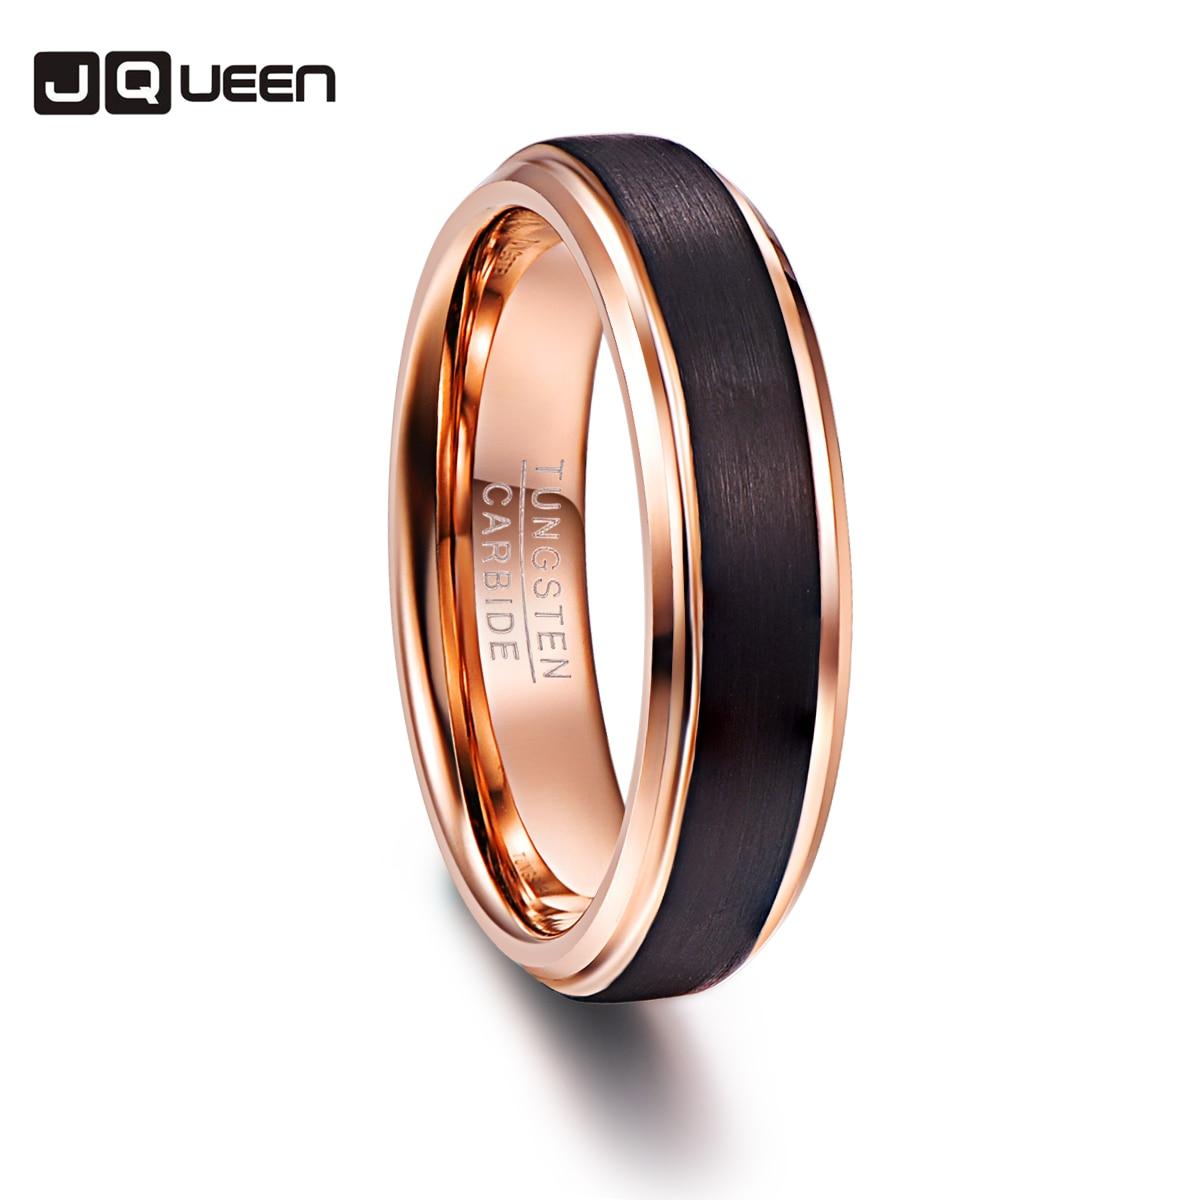 Черный Цвет обещание группа Для мужчин Кольца 100% Вольфрам карбида Обручальные кольца разного размера anillos Para Hombres pierscienie